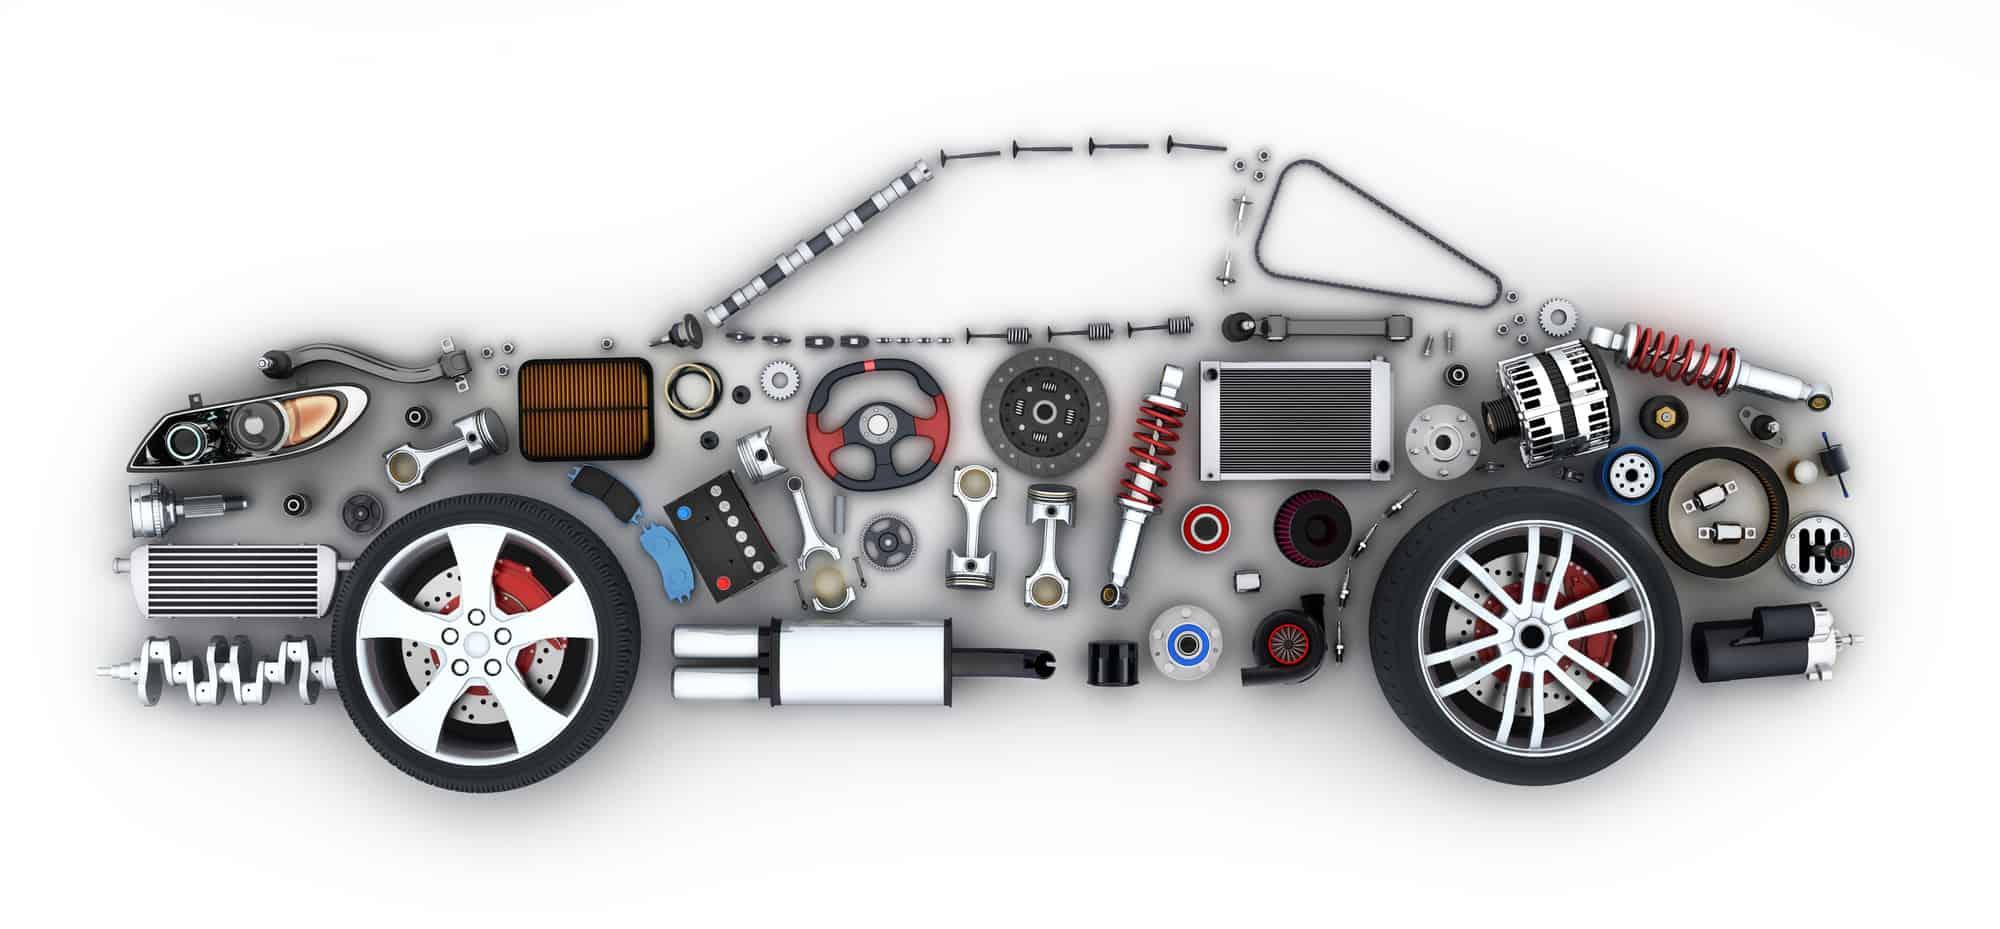 دراسة جدوى استيراد قطع غيار سيارات